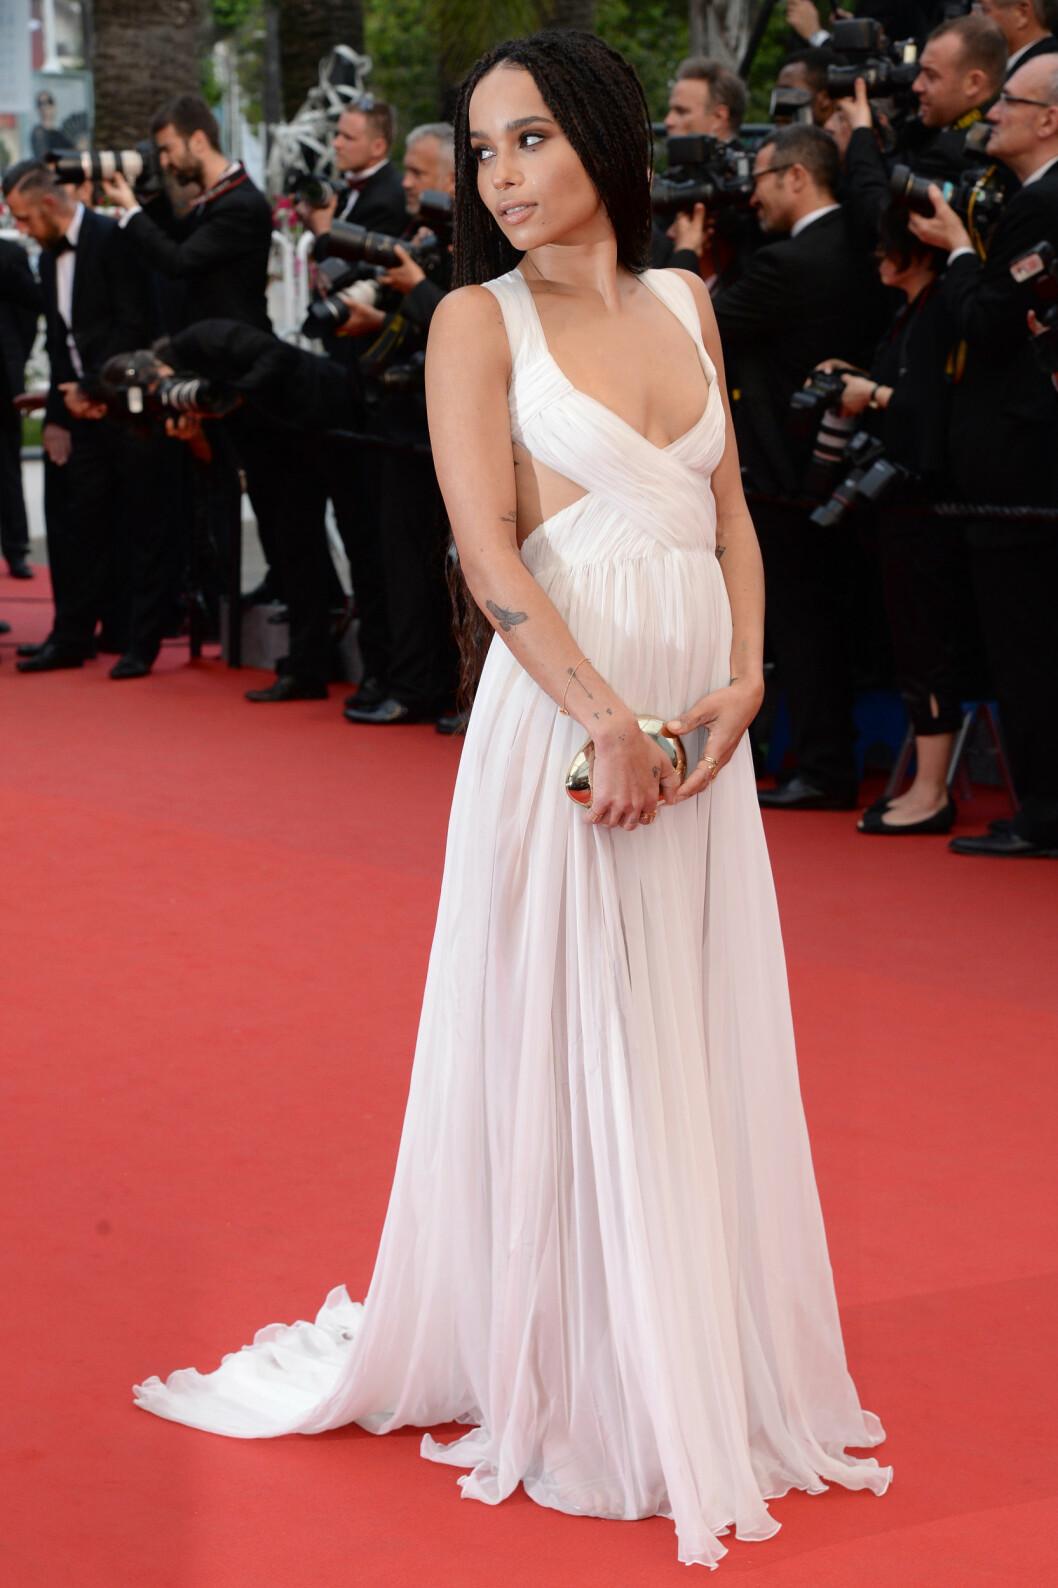 HVITT: Zoe Kravitz i kjole fra Valentino Haute Couture. Foto: Abaca Scanpix